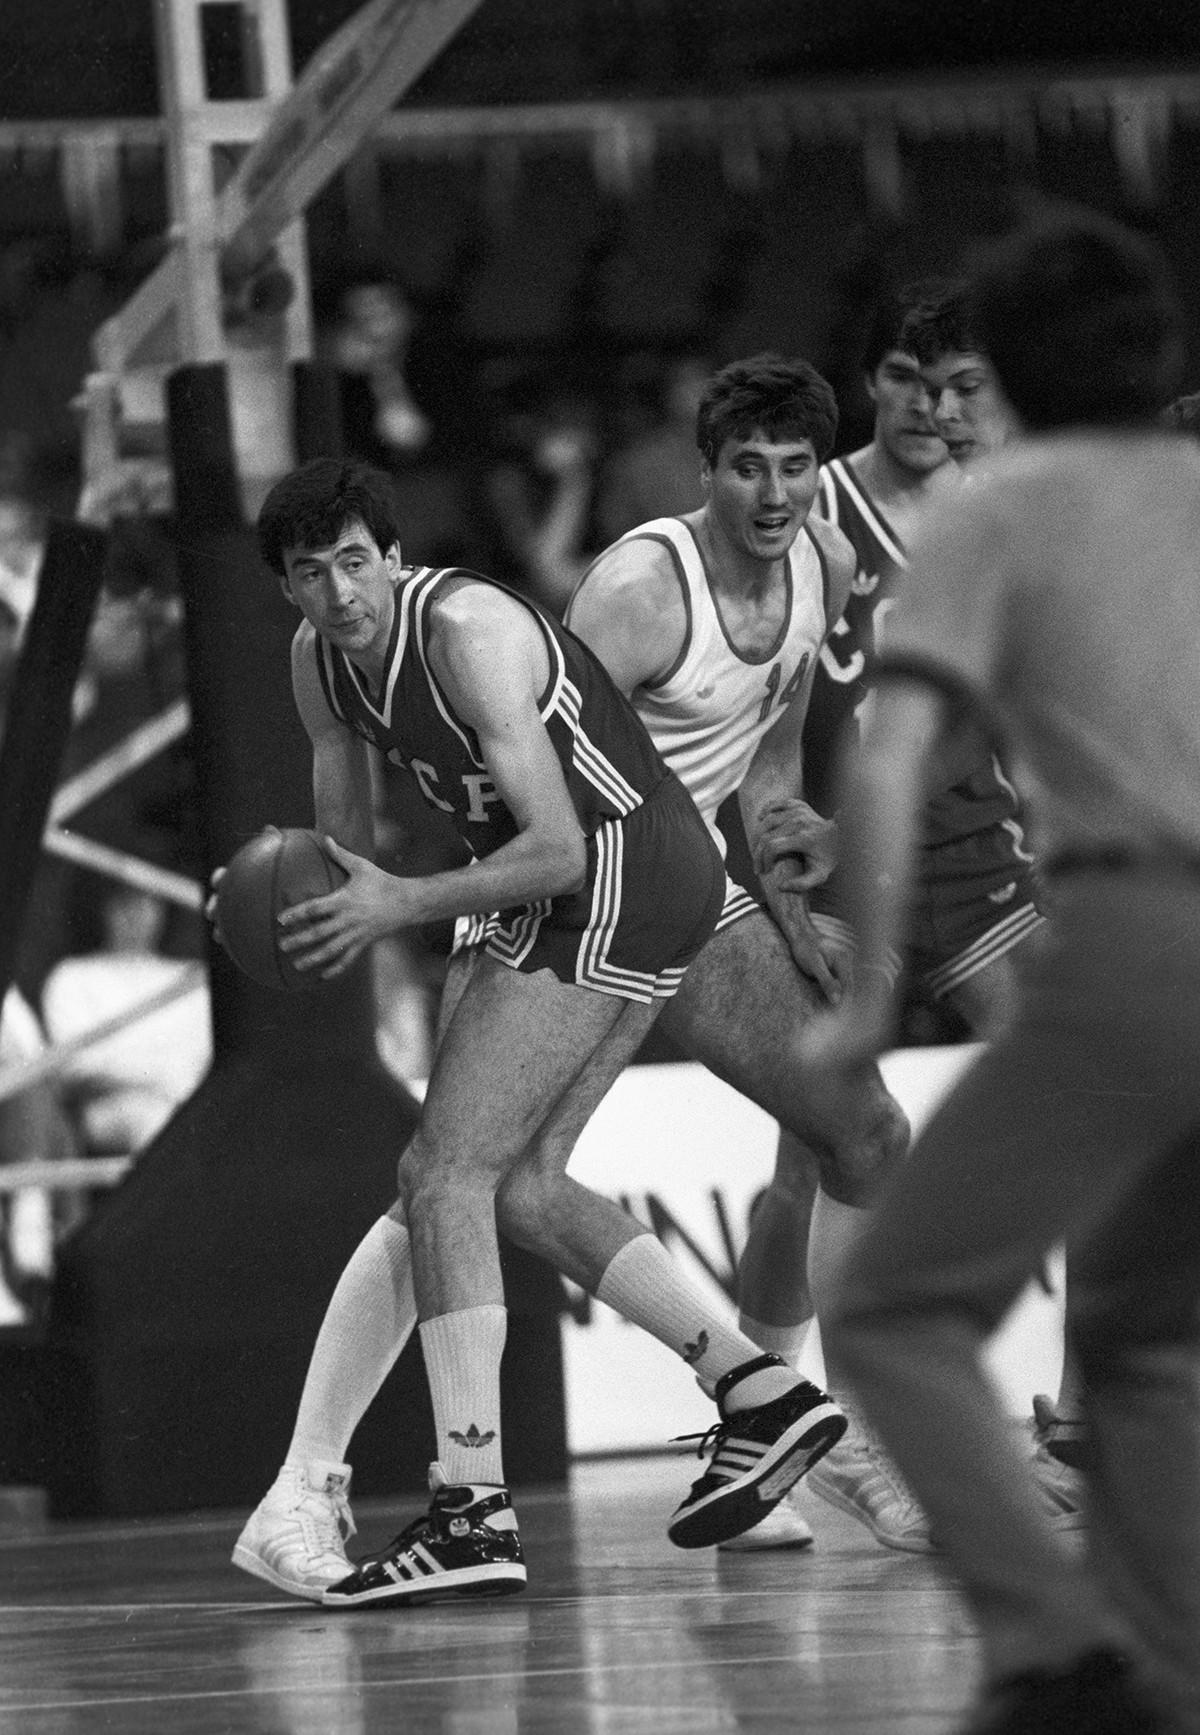 Sovjetski olimpijski prvak Sergej Tarakanov med Evropskim prvenstvom v košarki leta 1985.